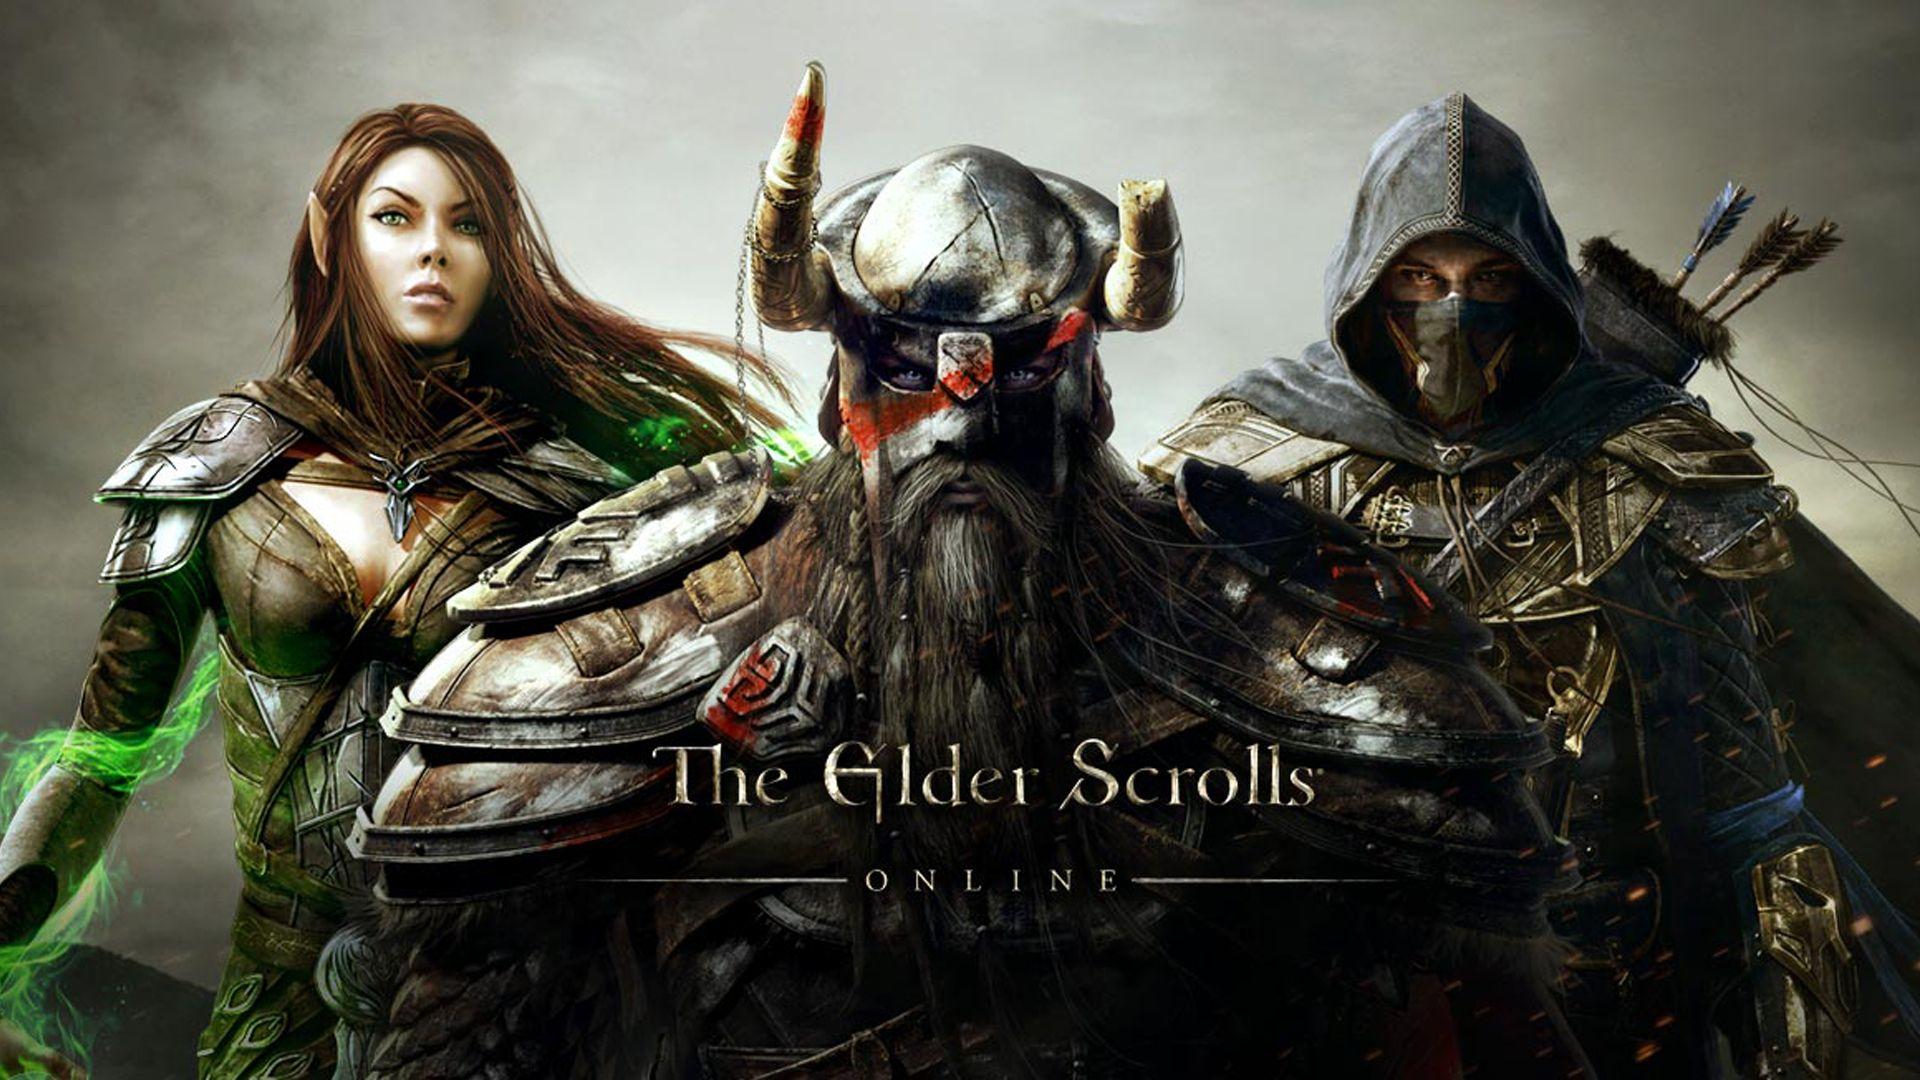 نگاهی به بازی The Elder scrolls online